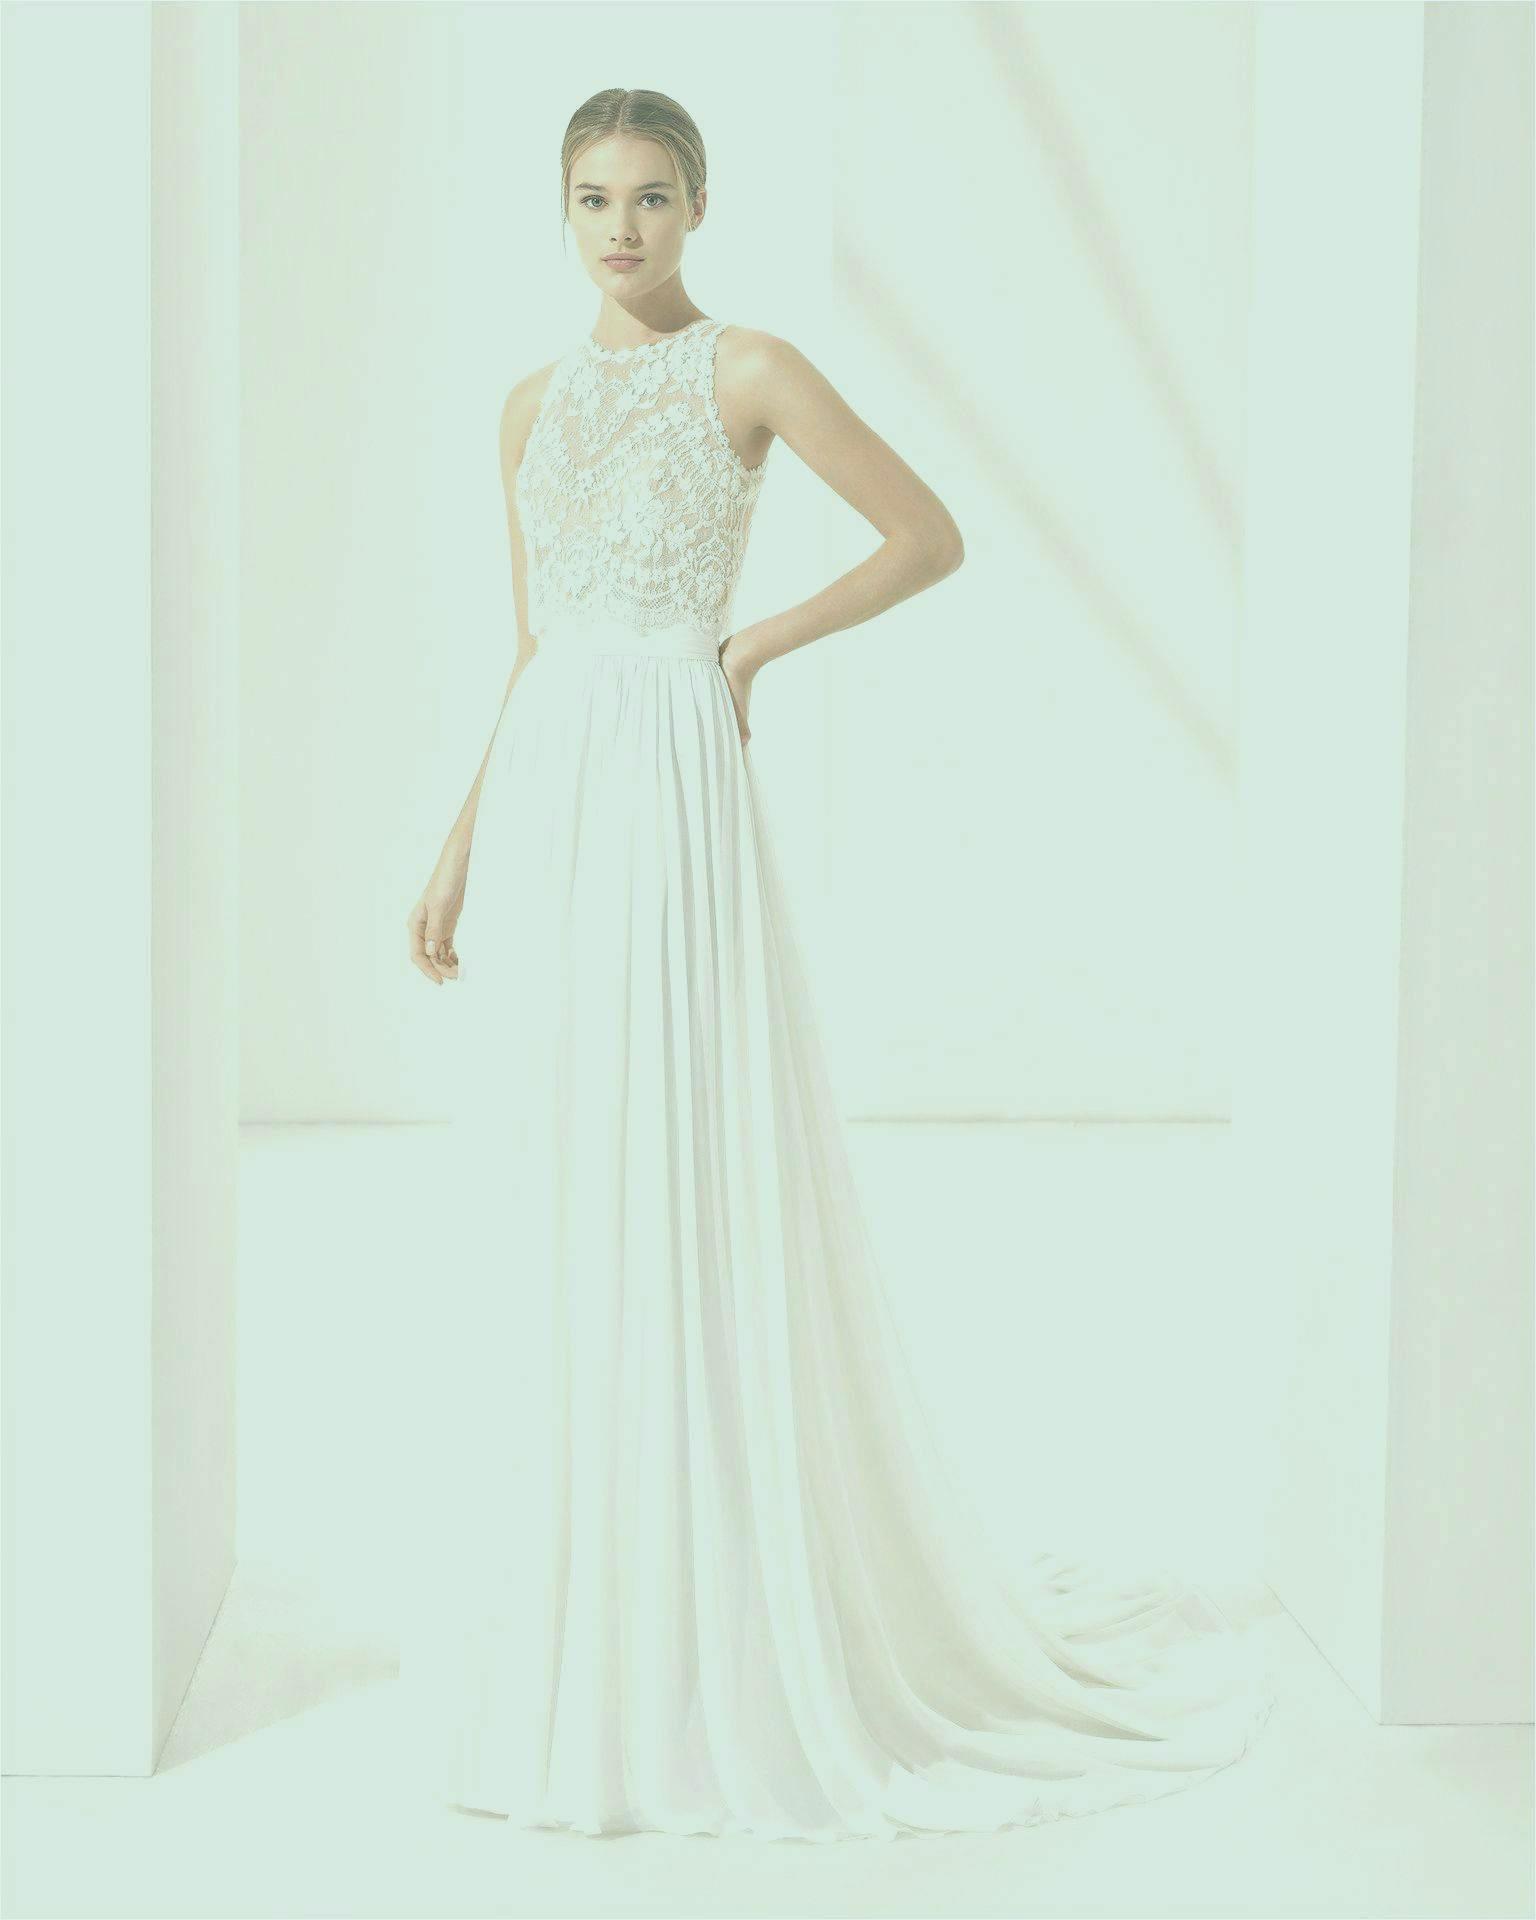 17 Leicht Schöne Elegante Kleider GalerieFormal Leicht Schöne Elegante Kleider Design